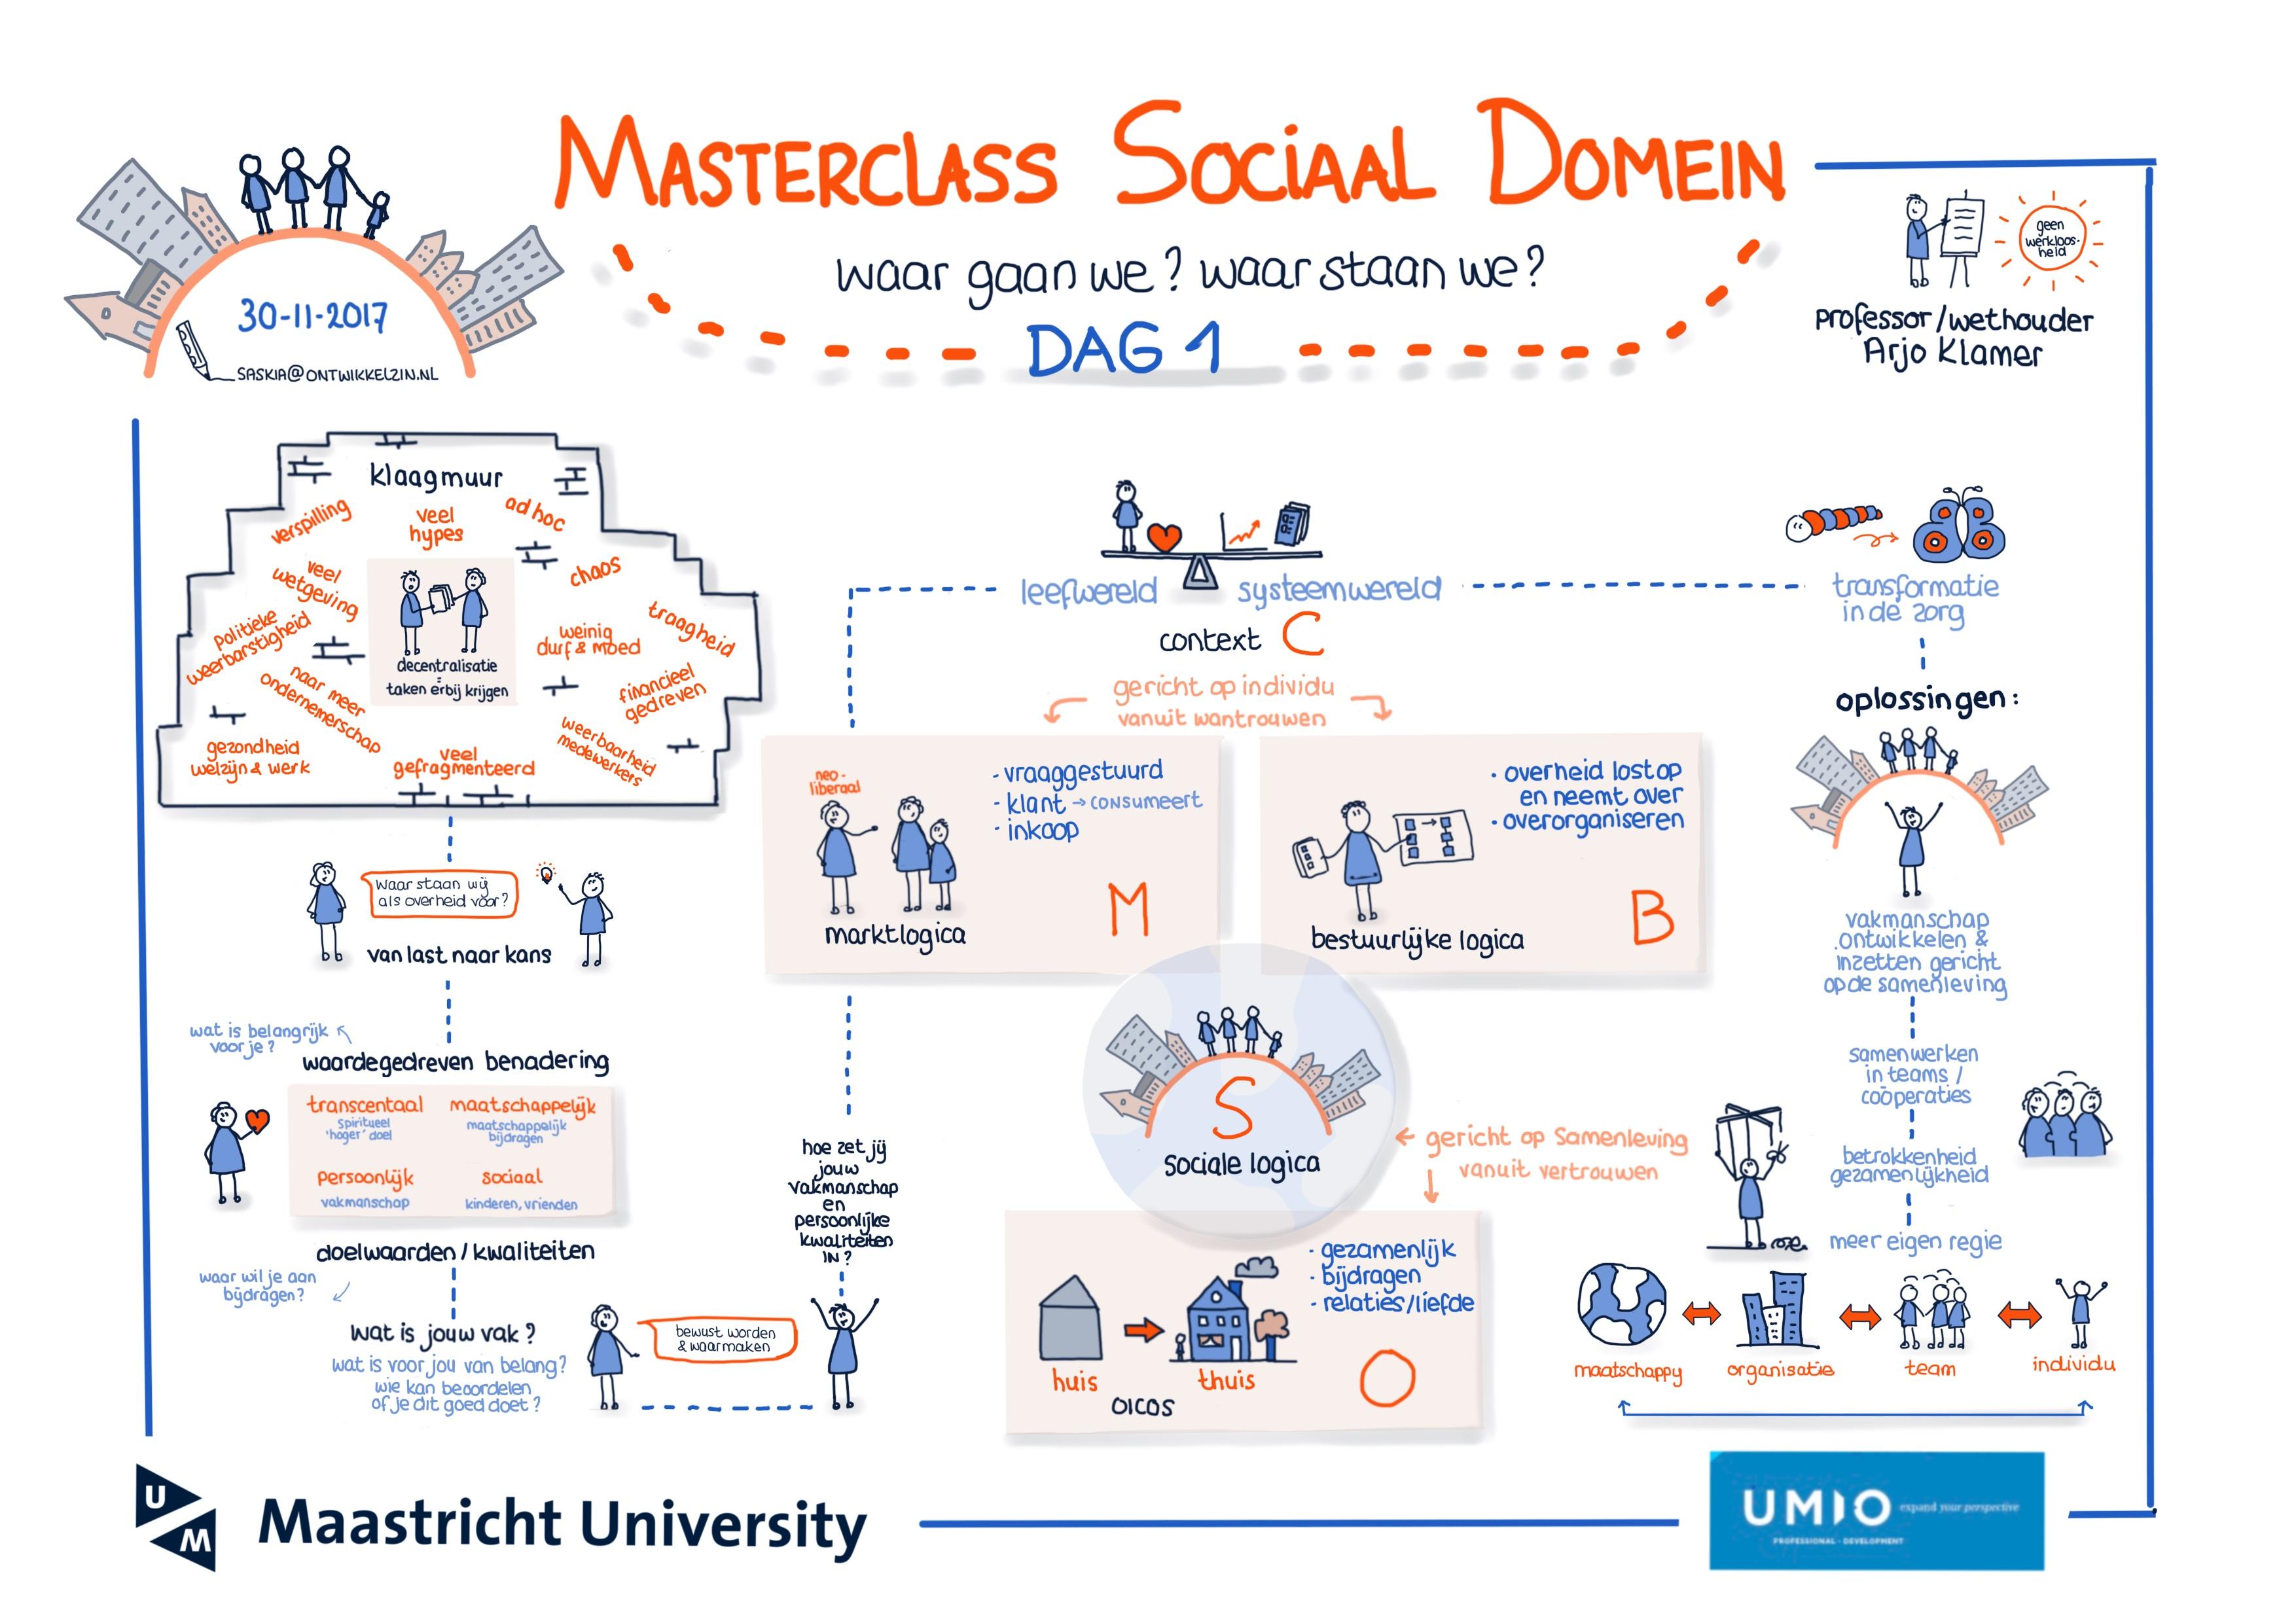 Verslag van dag 1 van de Masterclass Sociaal Domein (UMIO/Maastricht University)